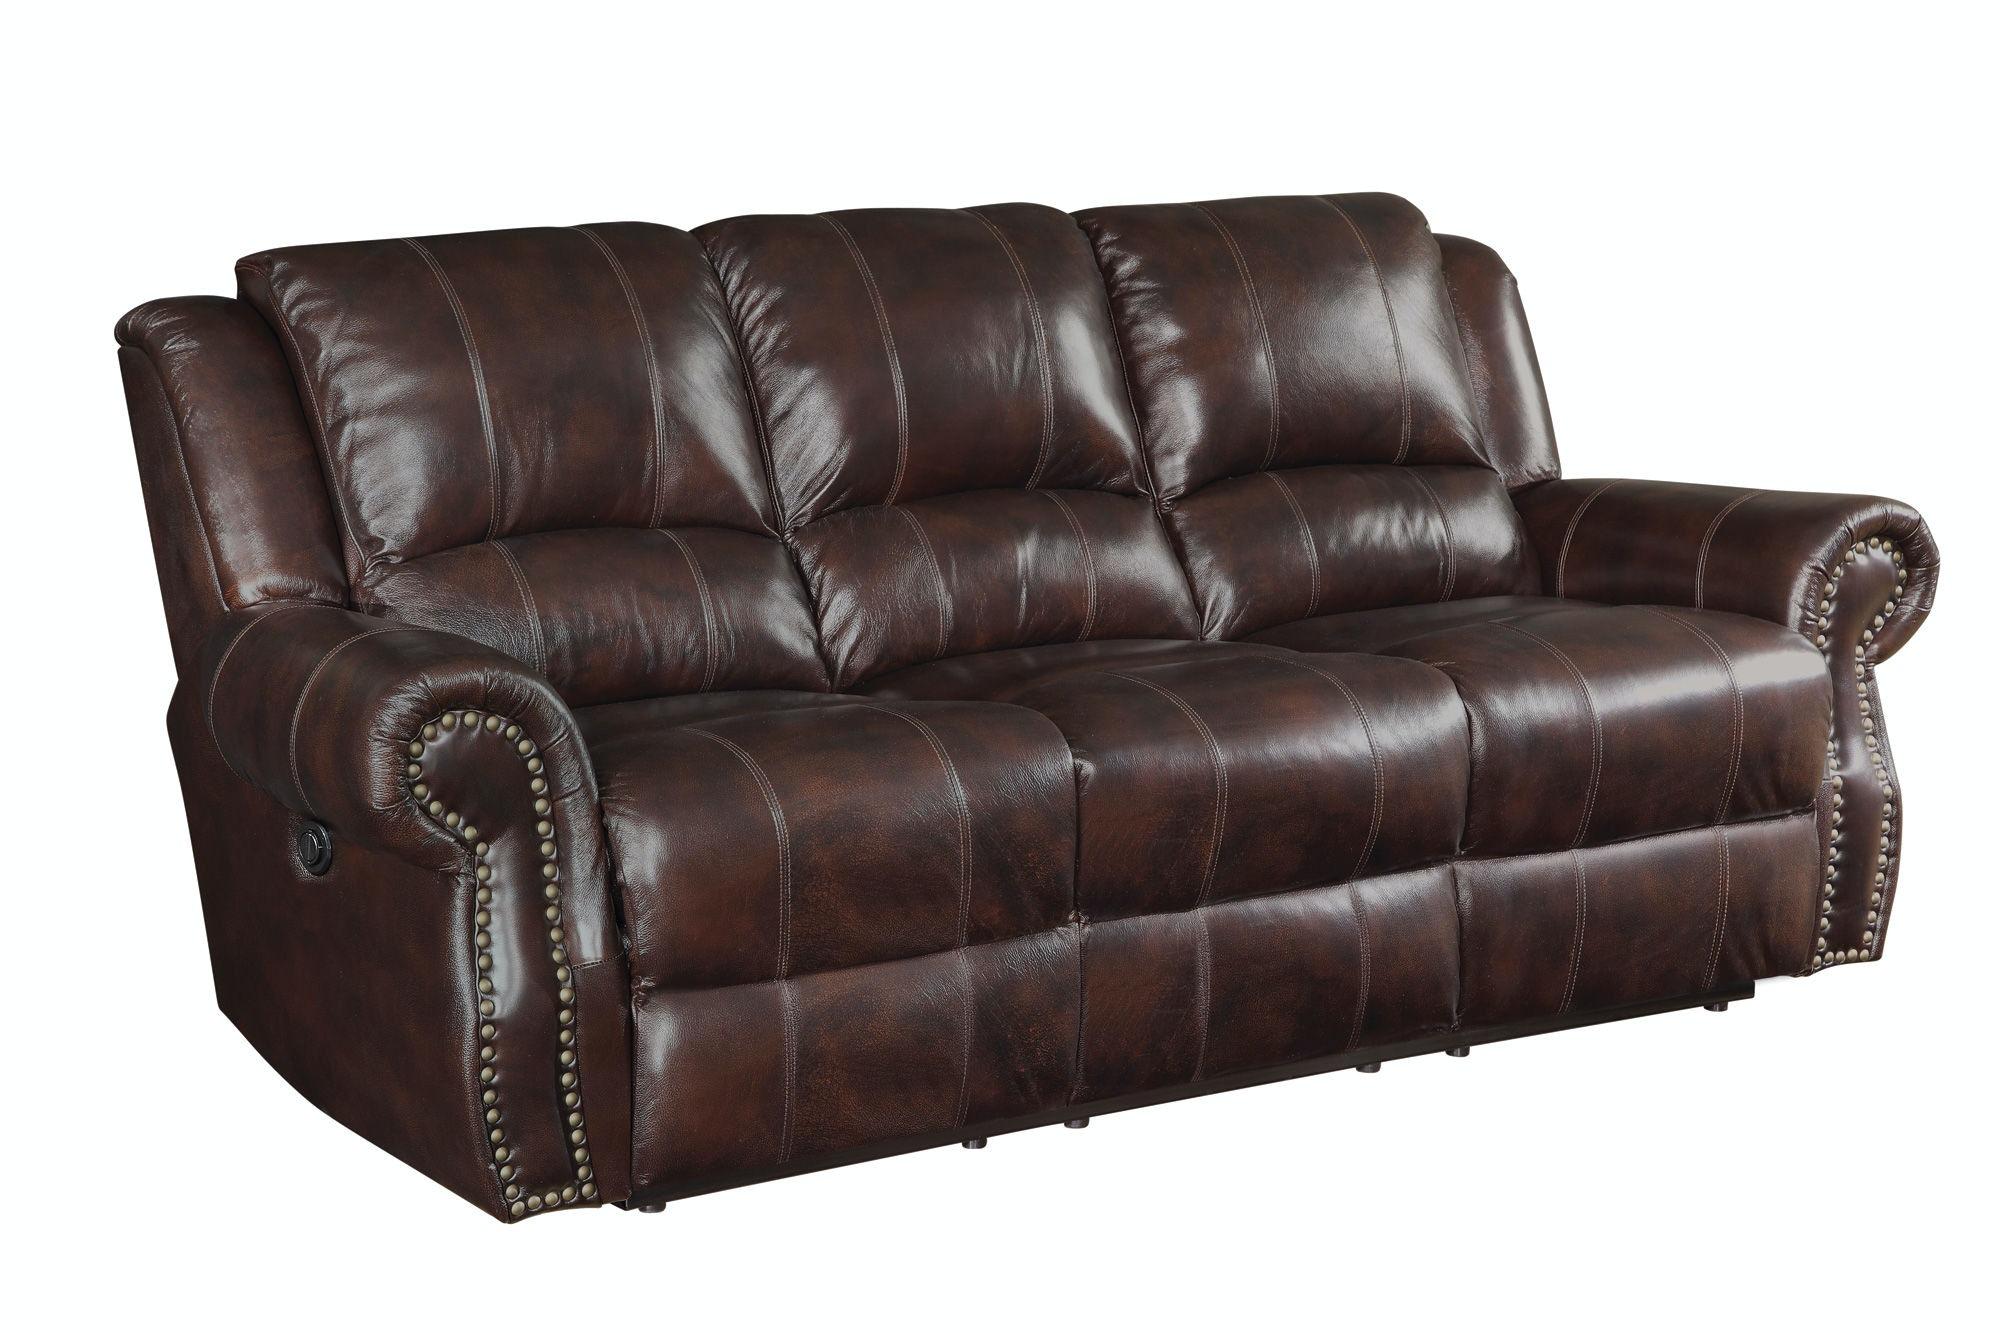 Lovely Fiore Furniture Altoona Pa #10: Coaster Motion Sofa 650161.